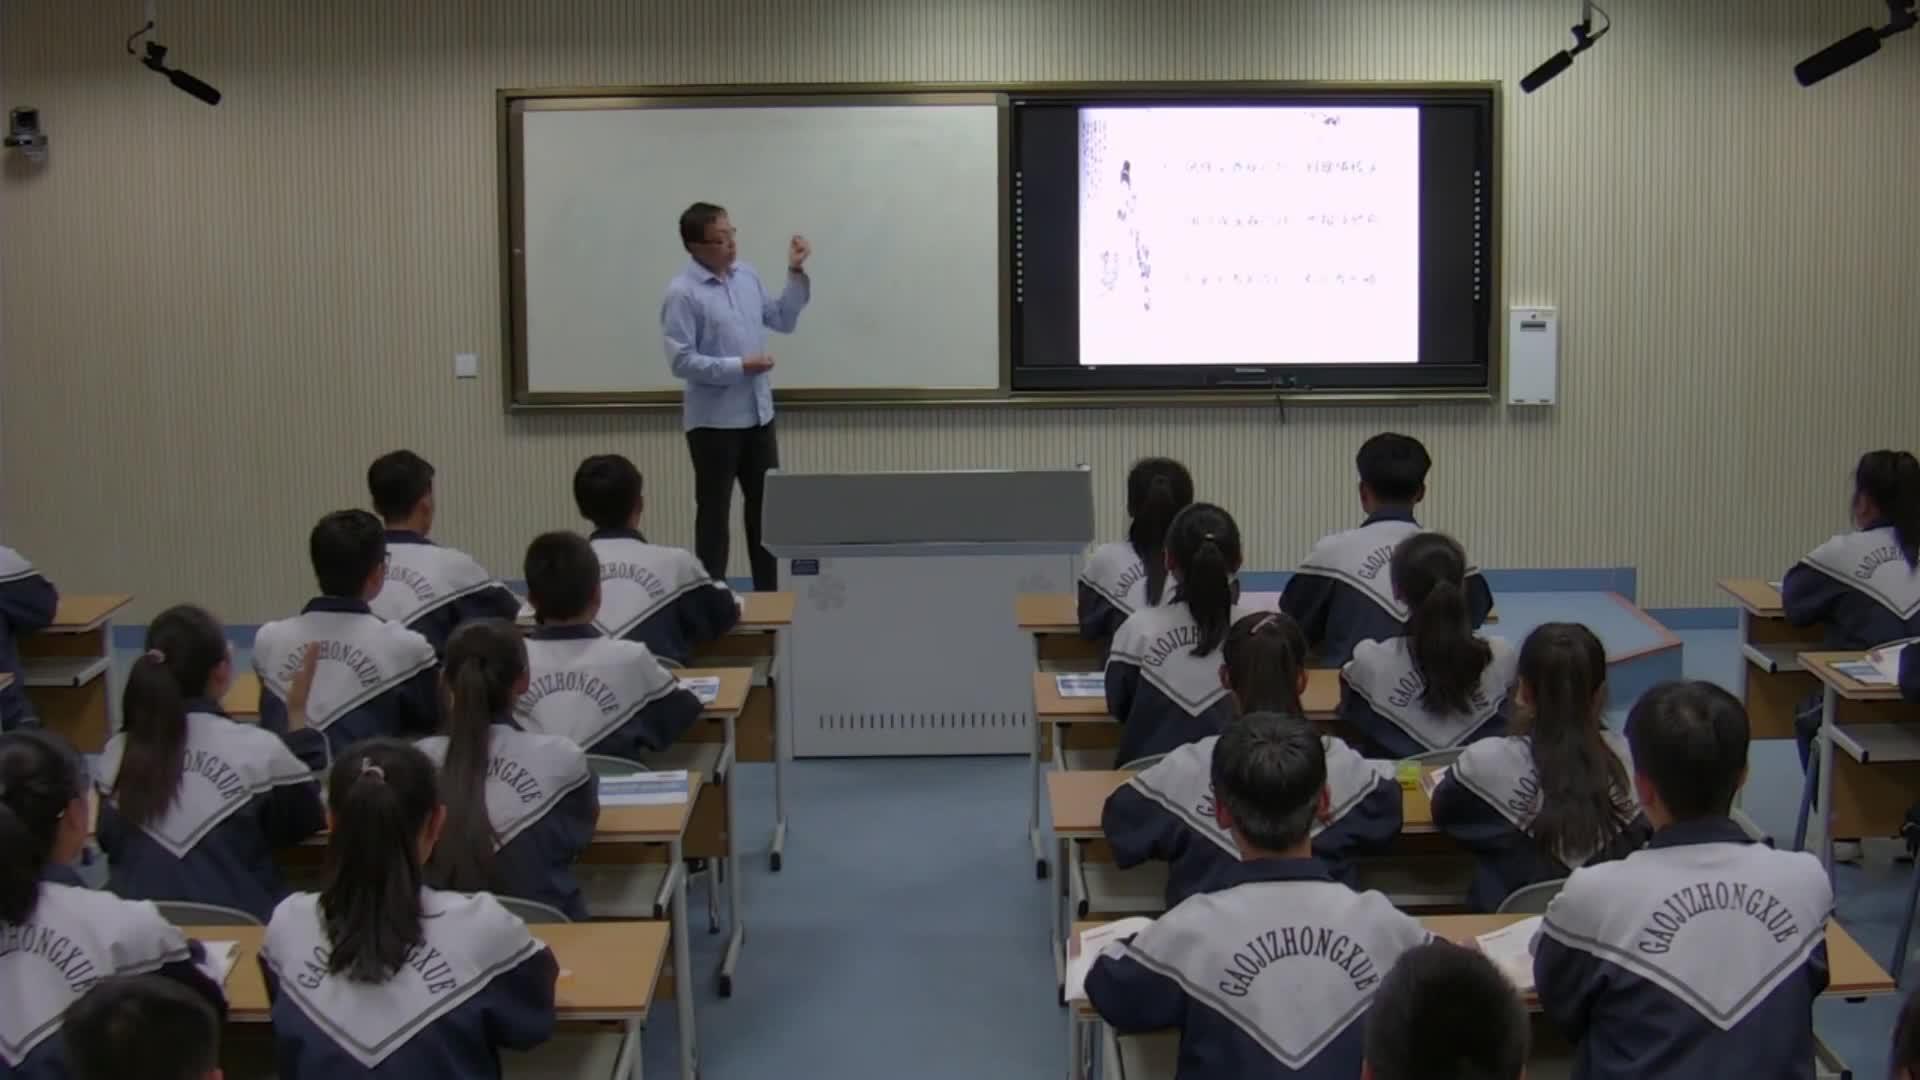 人教版 高一语文必修四 2.7《声声慢》教学实录-视频公开课